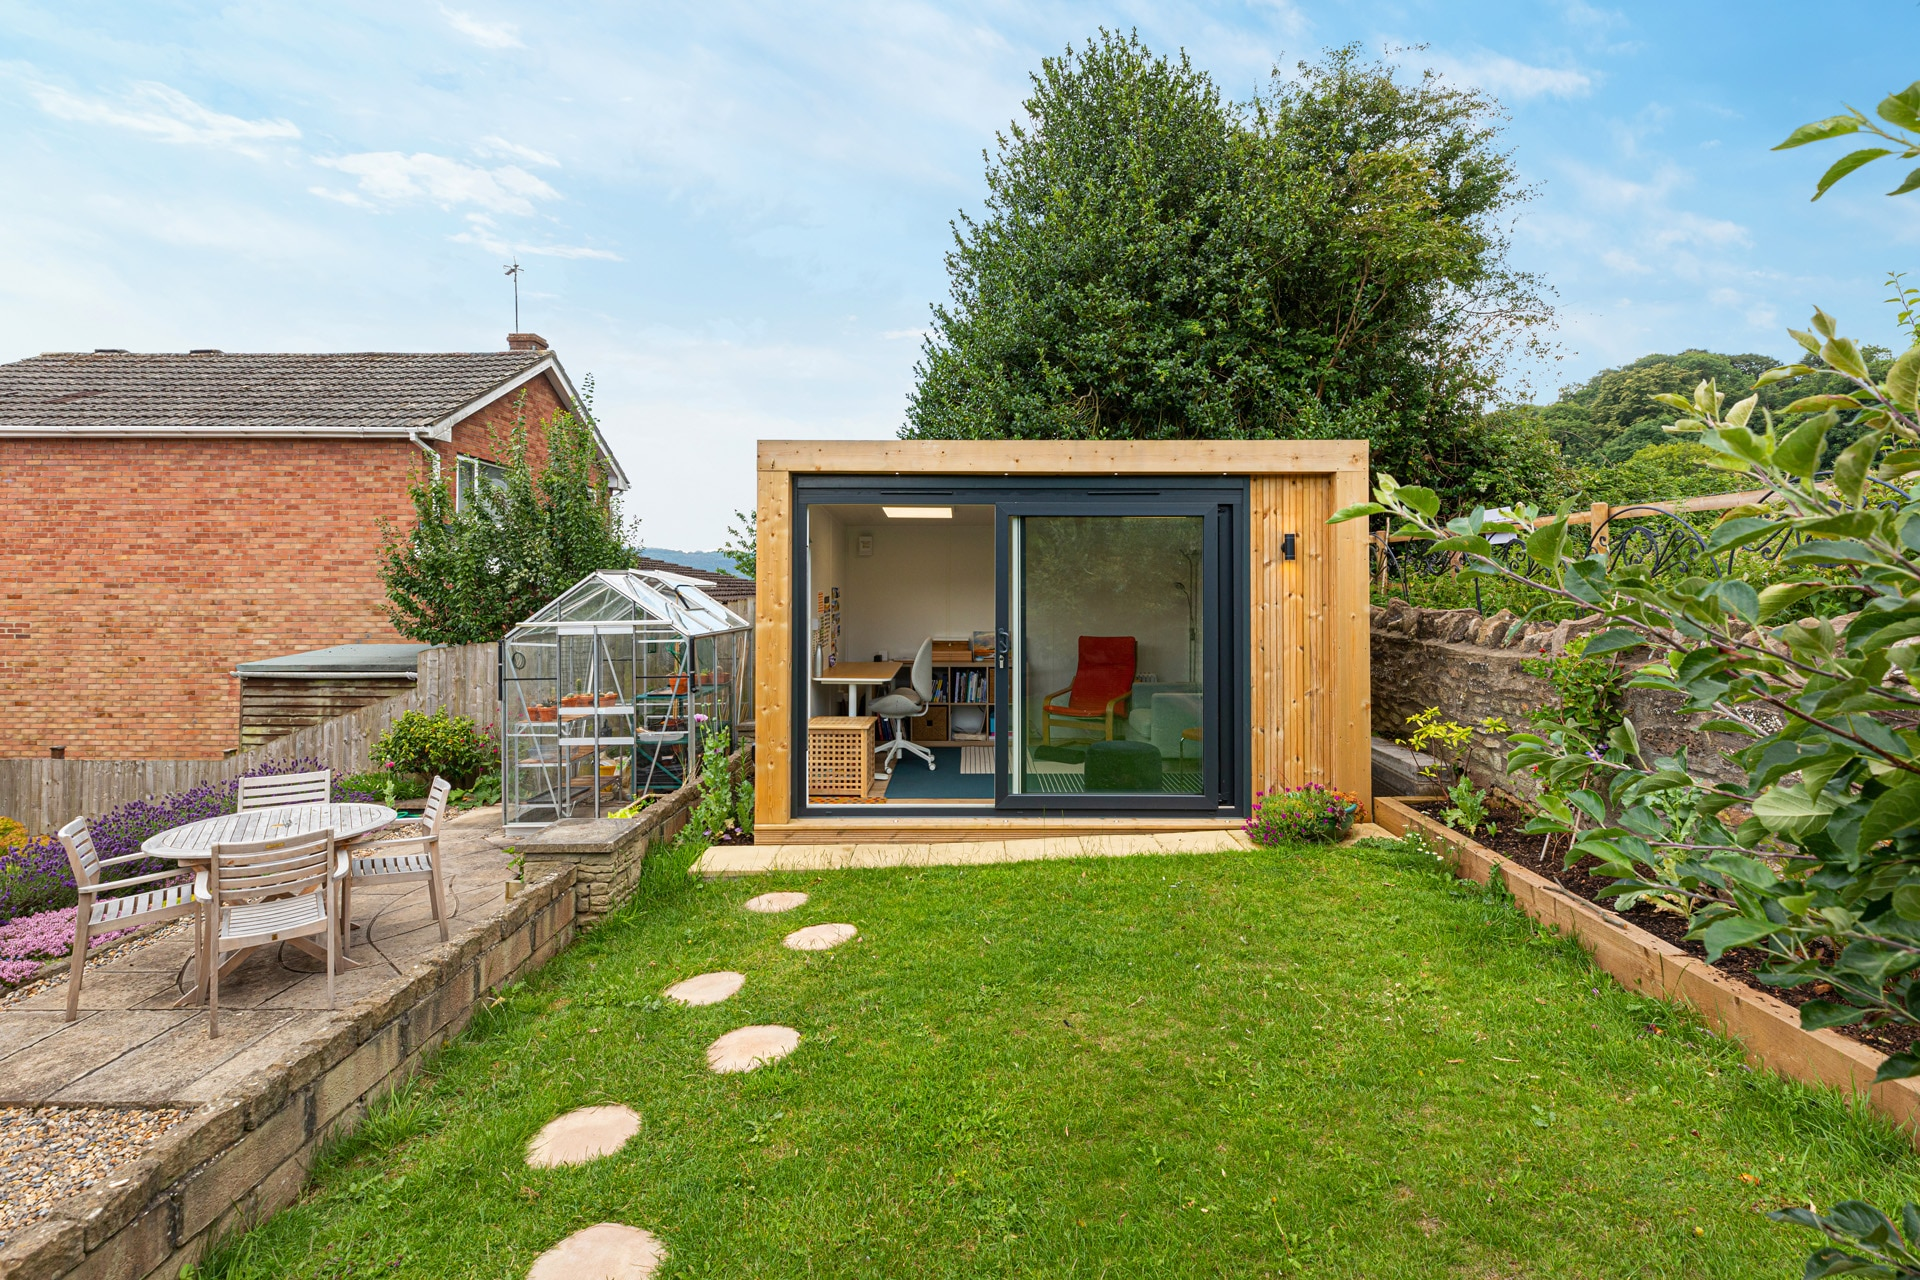 garden studio in the garden